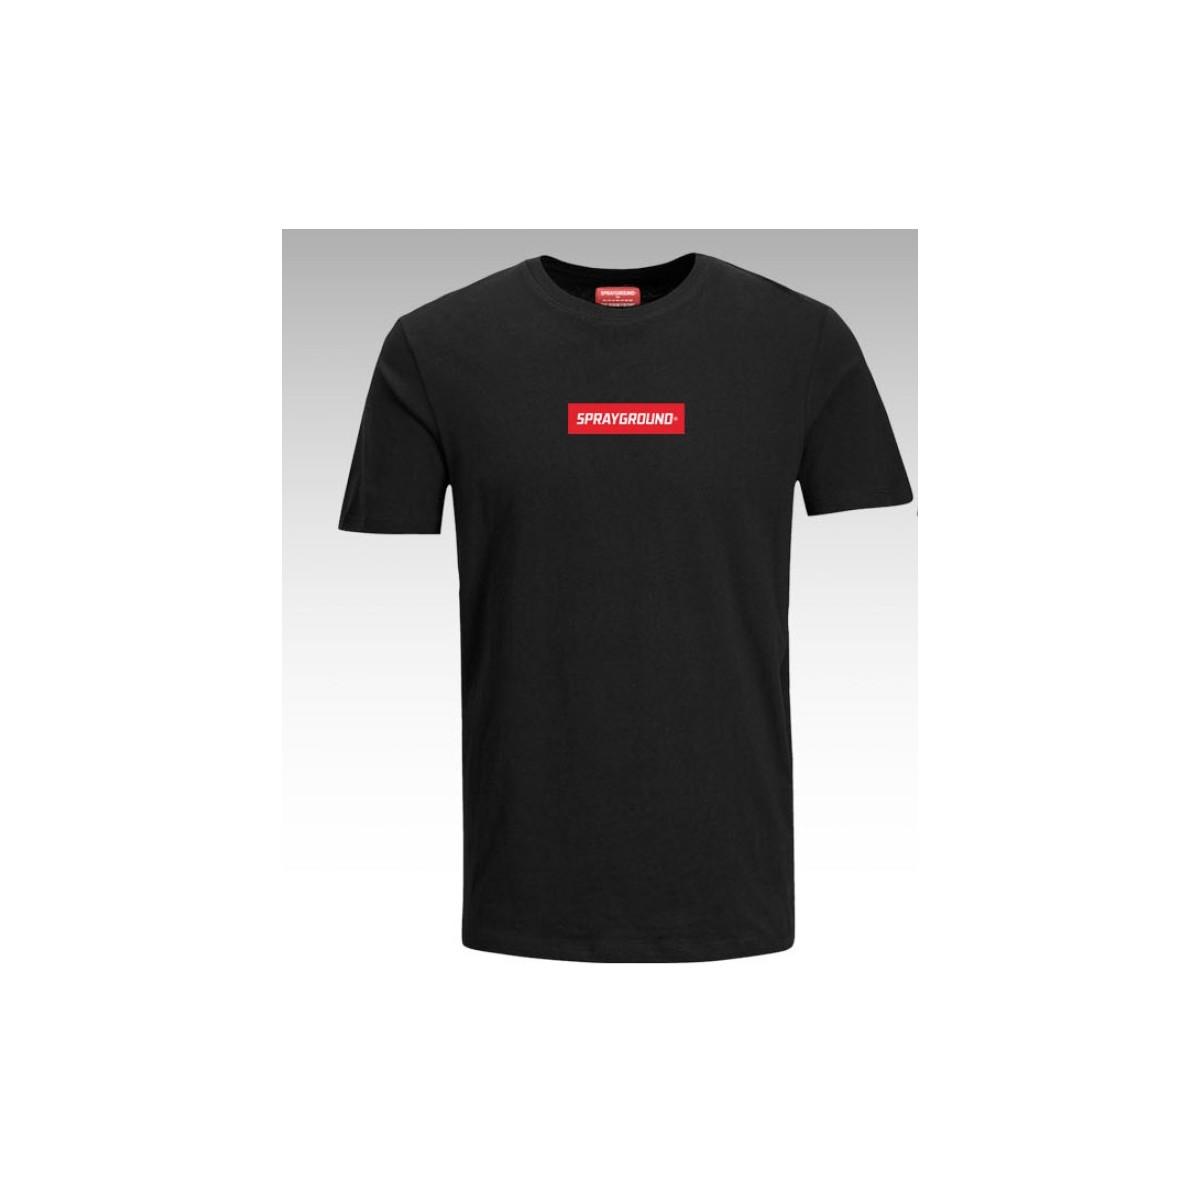 T-shirt - Double logo t-shirt